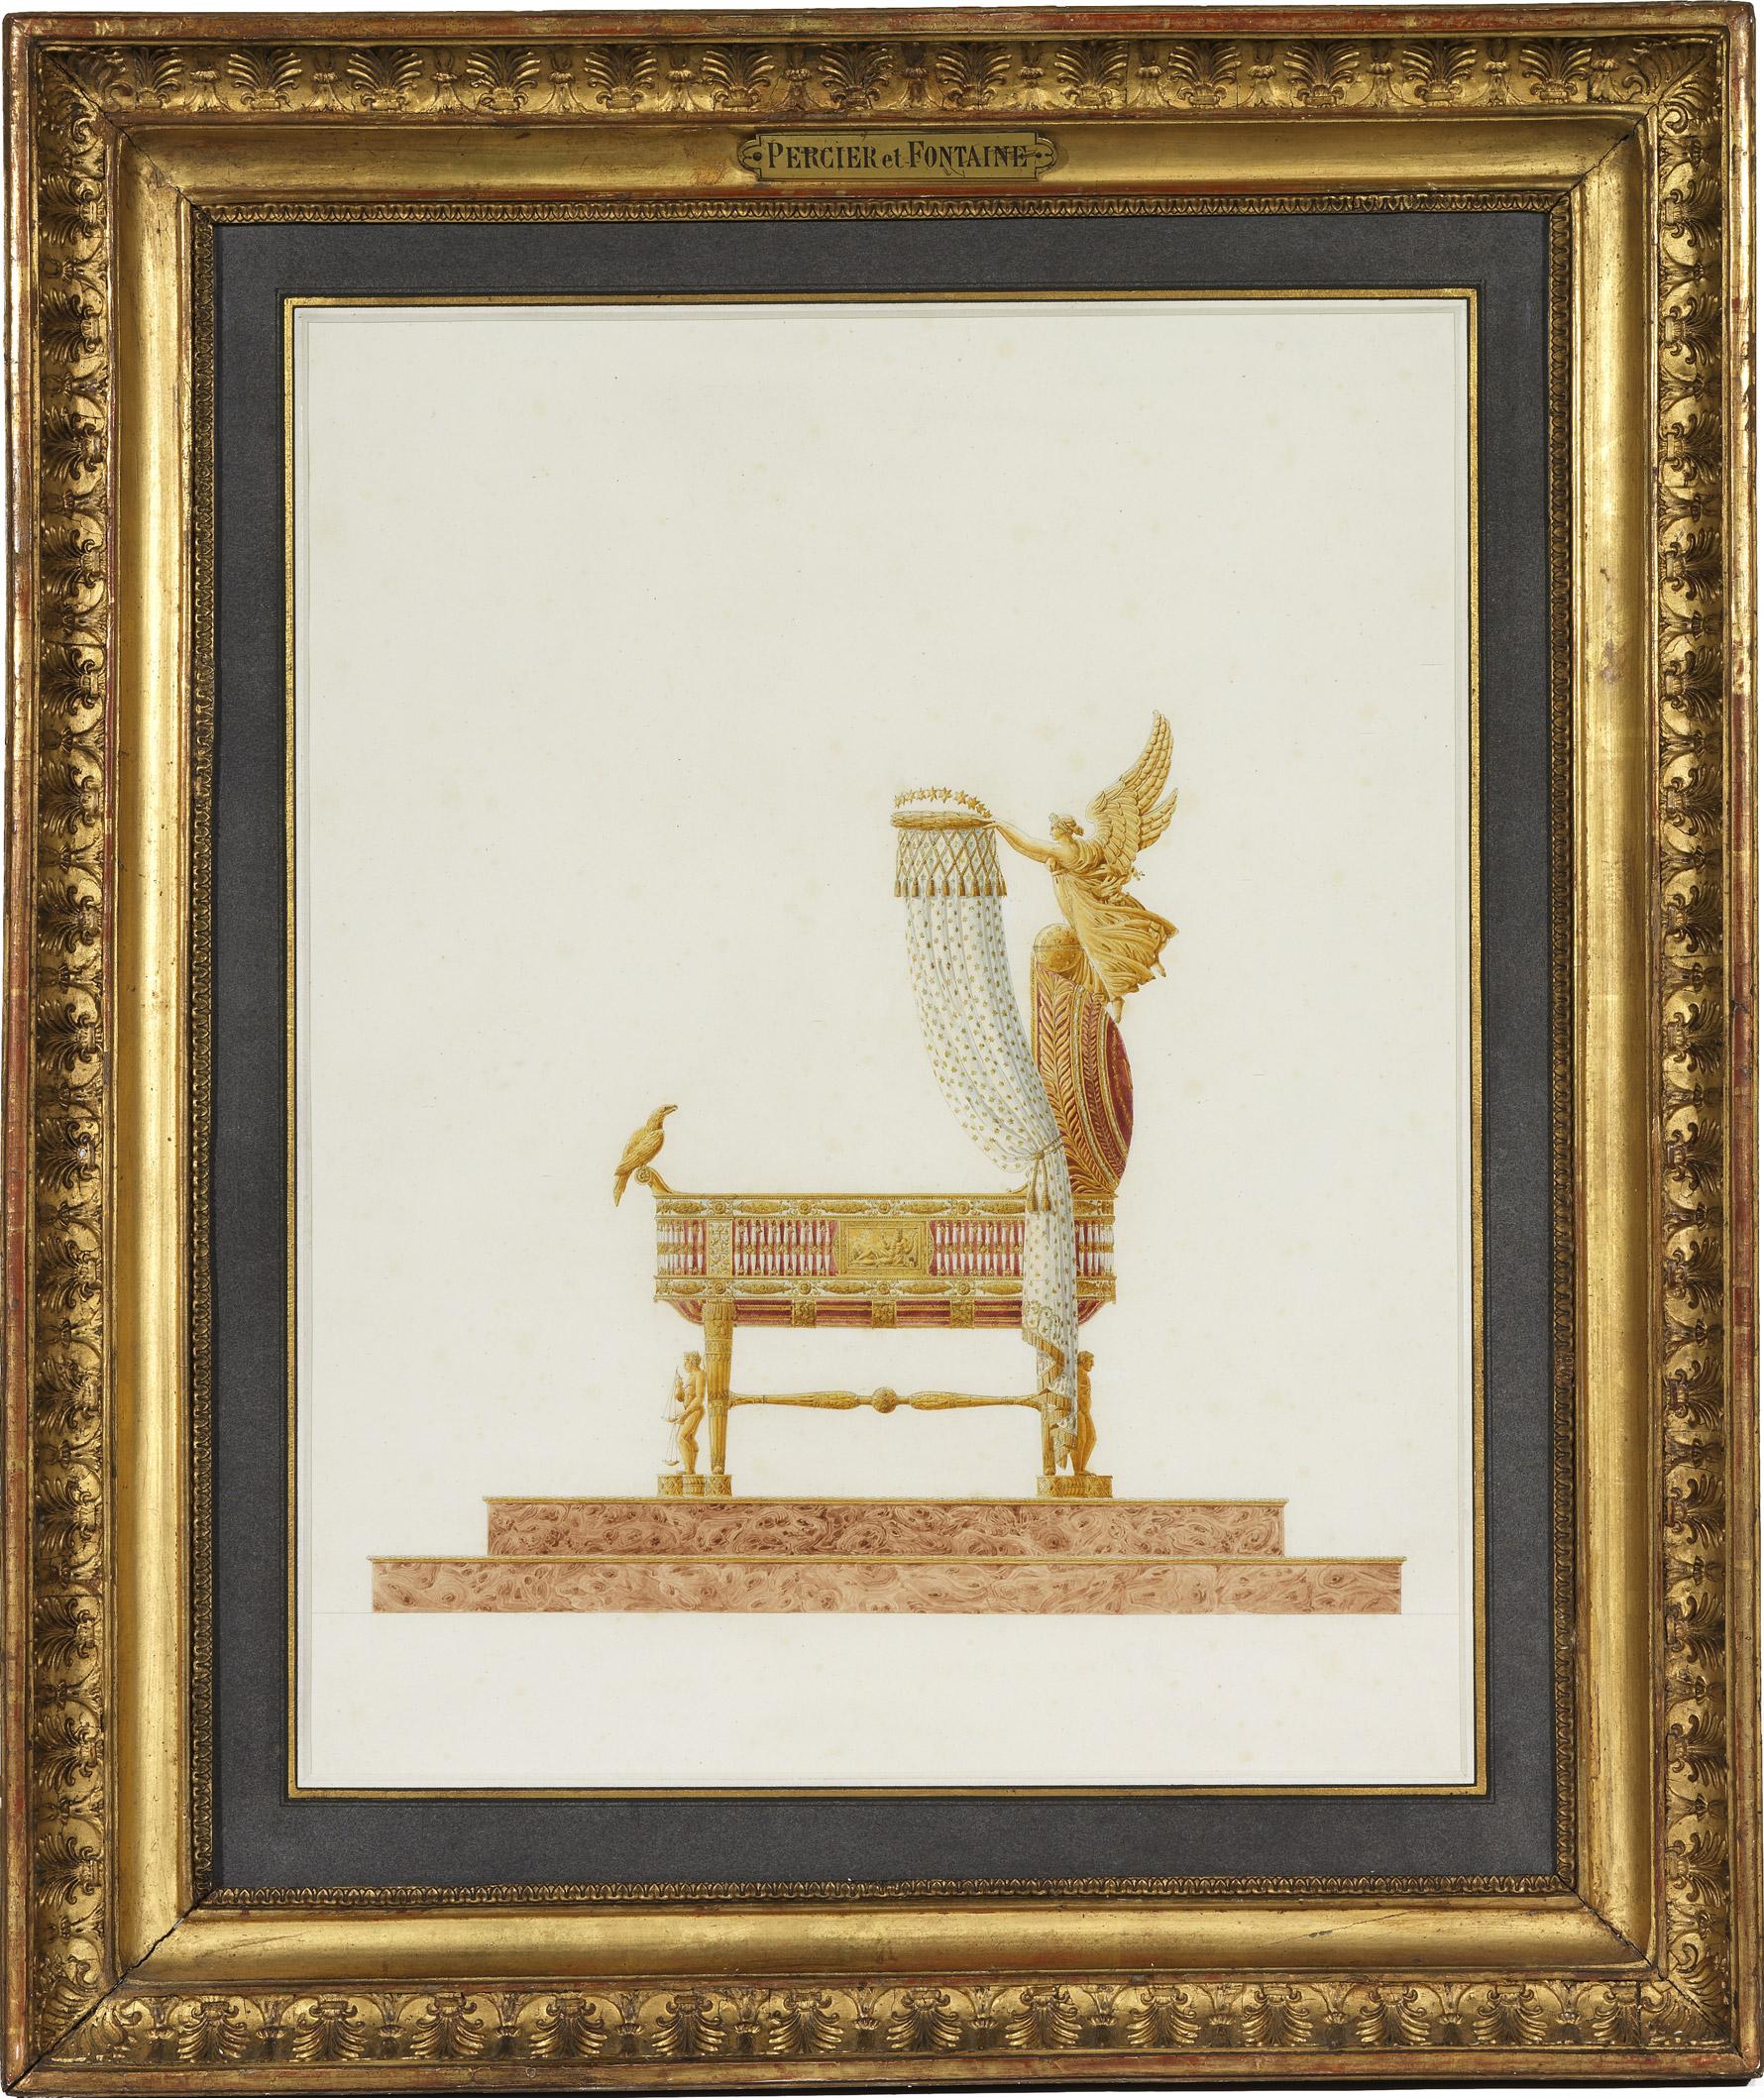 Modèle du berceau du Roi de Rome, deux dessins de Percier - Patrimoine Charles-André COLONNA WALEWSKI, en ligne directe de Napoléon